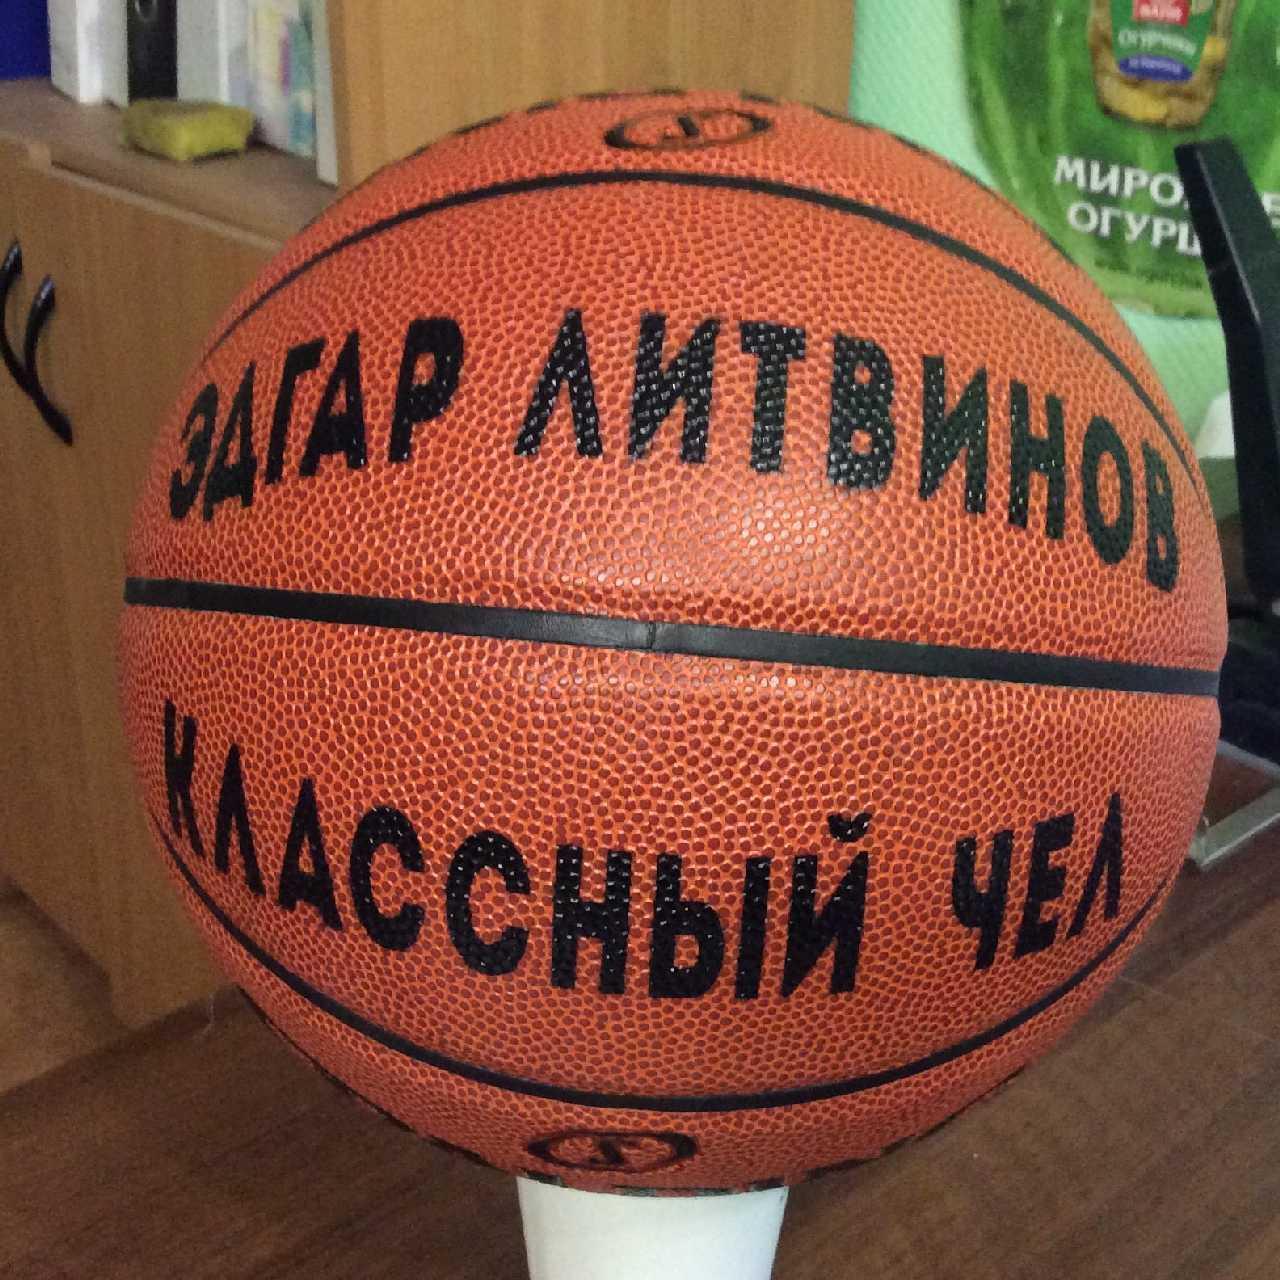 Нанесение имени и фамилии на баскетбольный мяч 3c9a1a18784